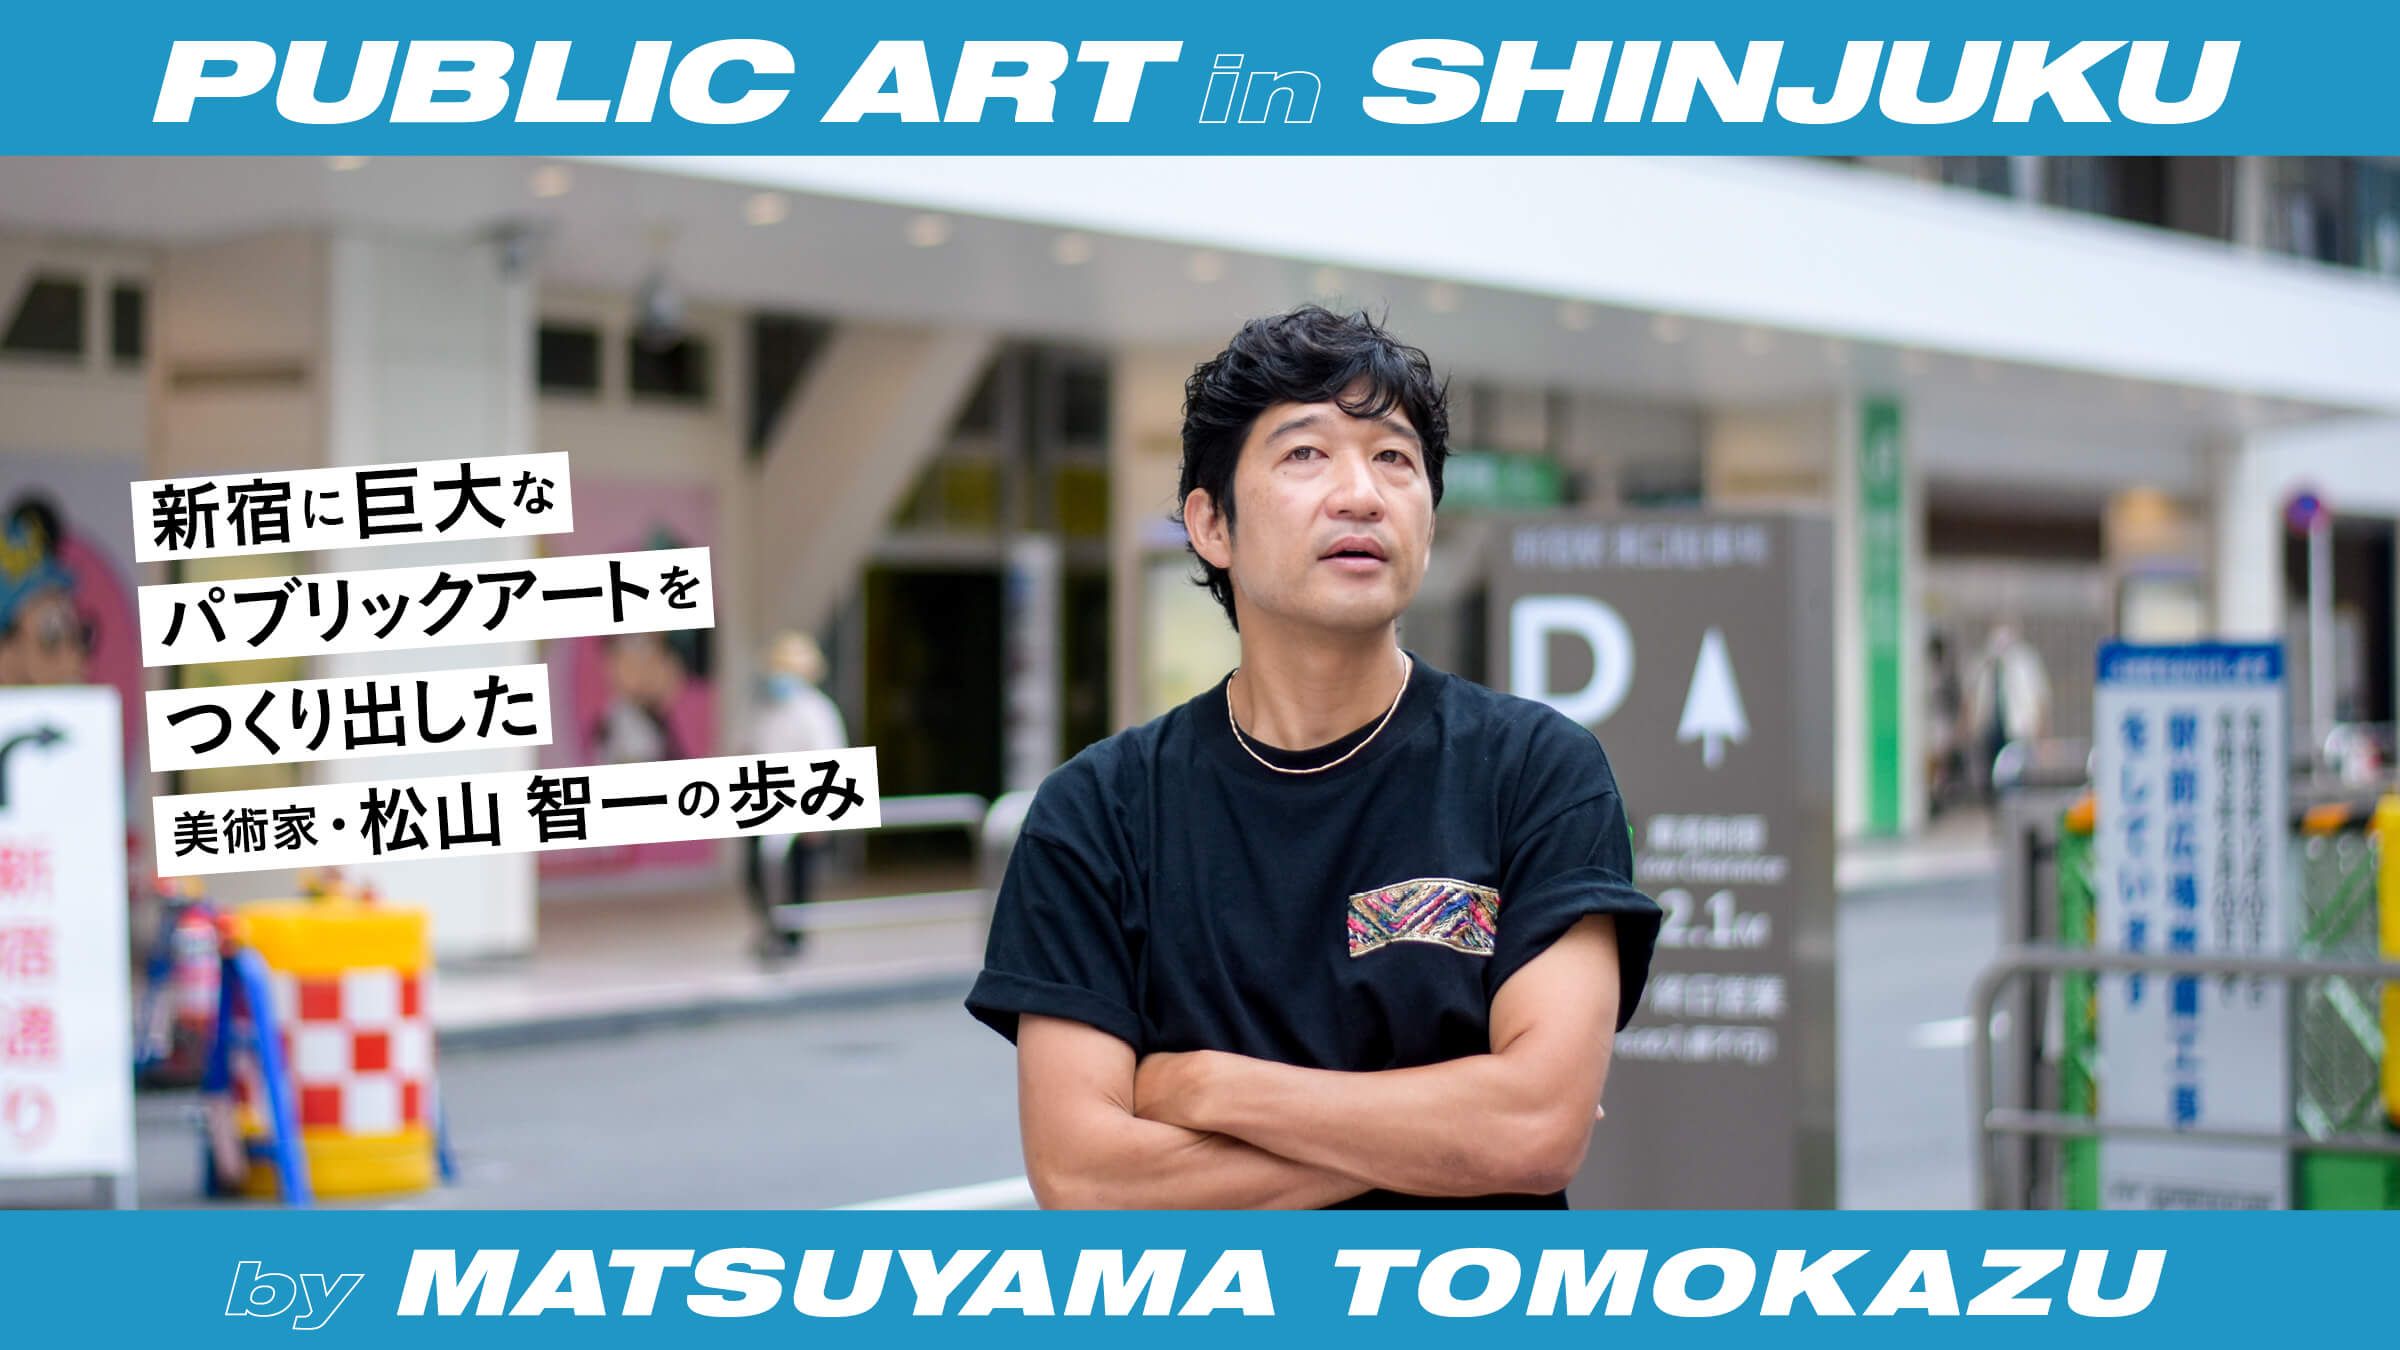 新宿に巨大なパブリックアートをつくり出した美術家・松山智一の歩み。